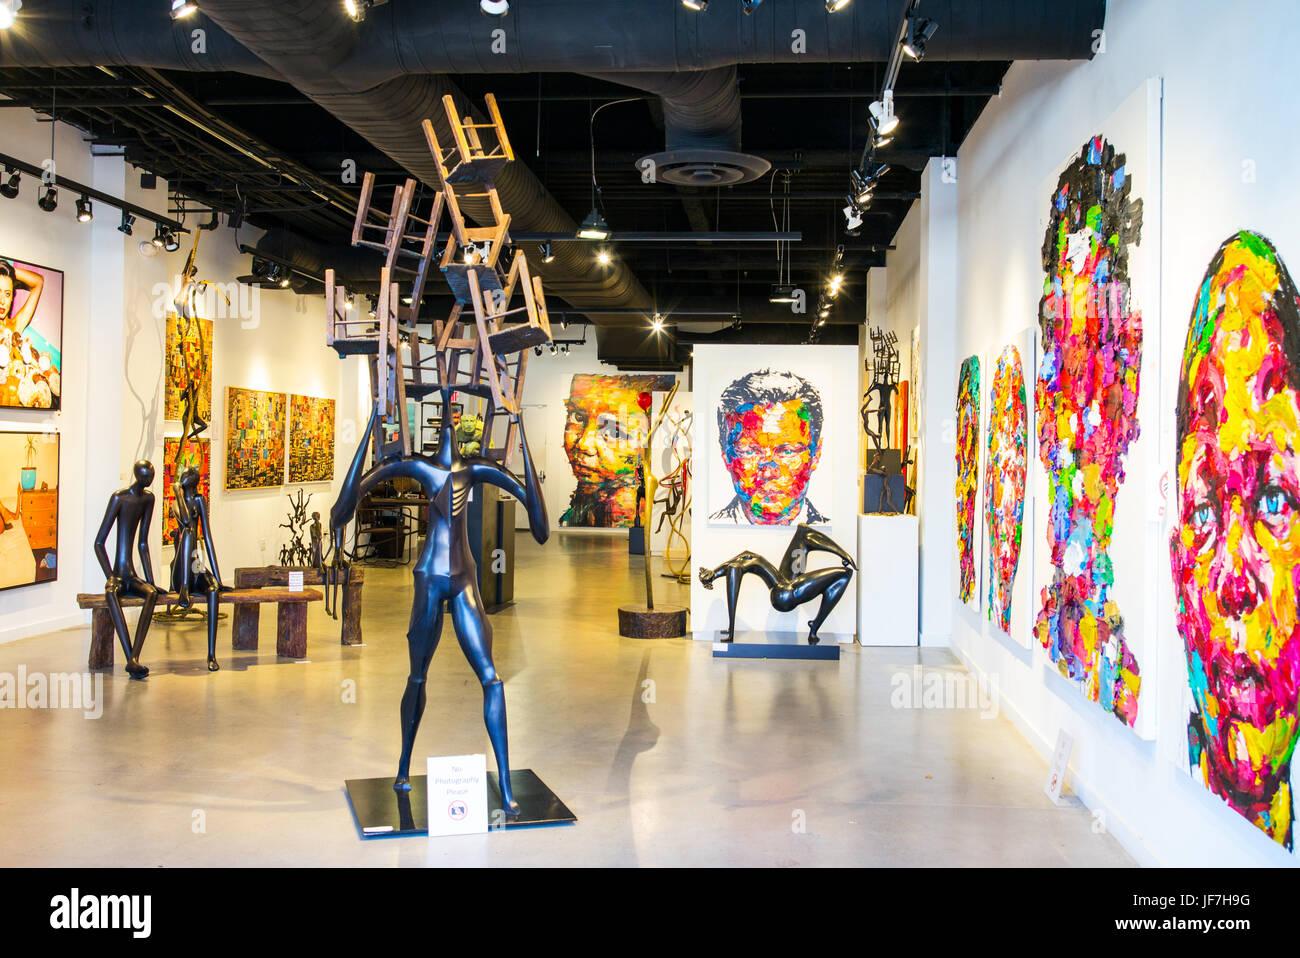 San Francisco, EE.UU., una exposición de arte moderno en la zona de Fisherman's Wharf Foto de stock